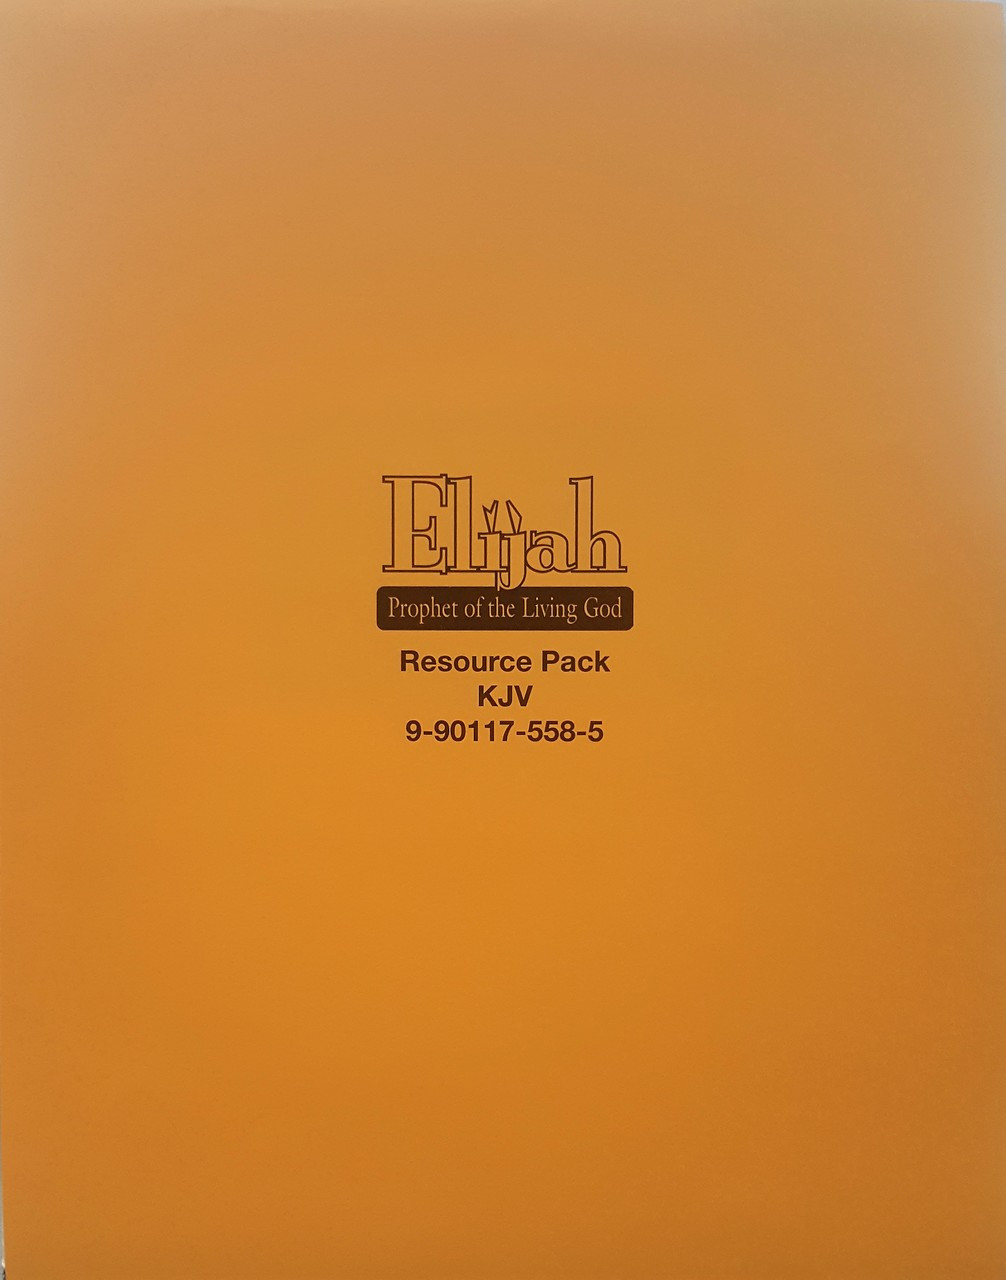 Elijah: Prophet of The Living God (resource pack KJV)